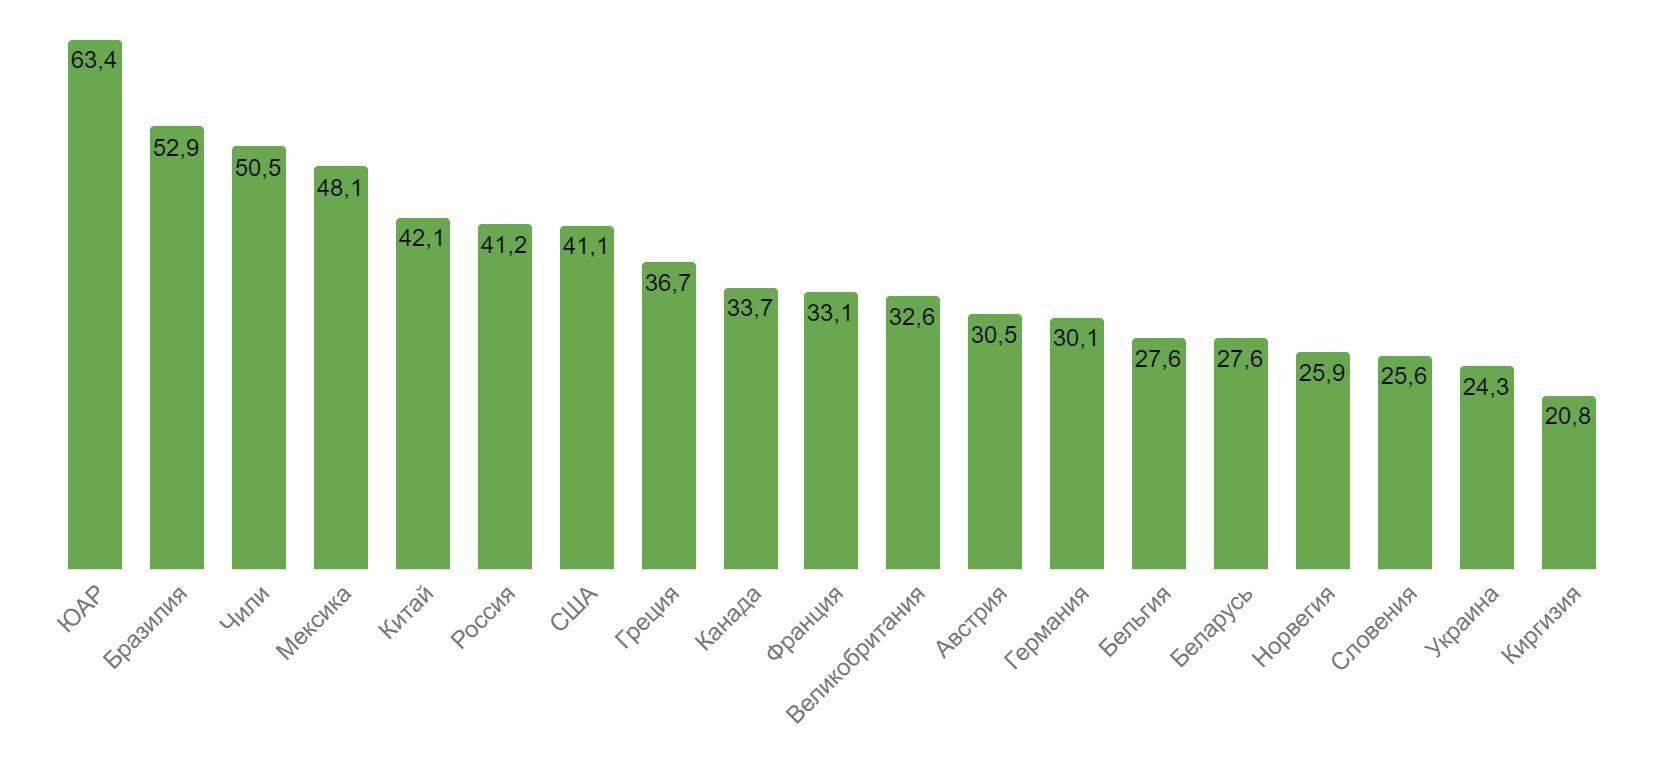 Рис. 3. Индекс Джини в странах мира (данные на 2016 год).